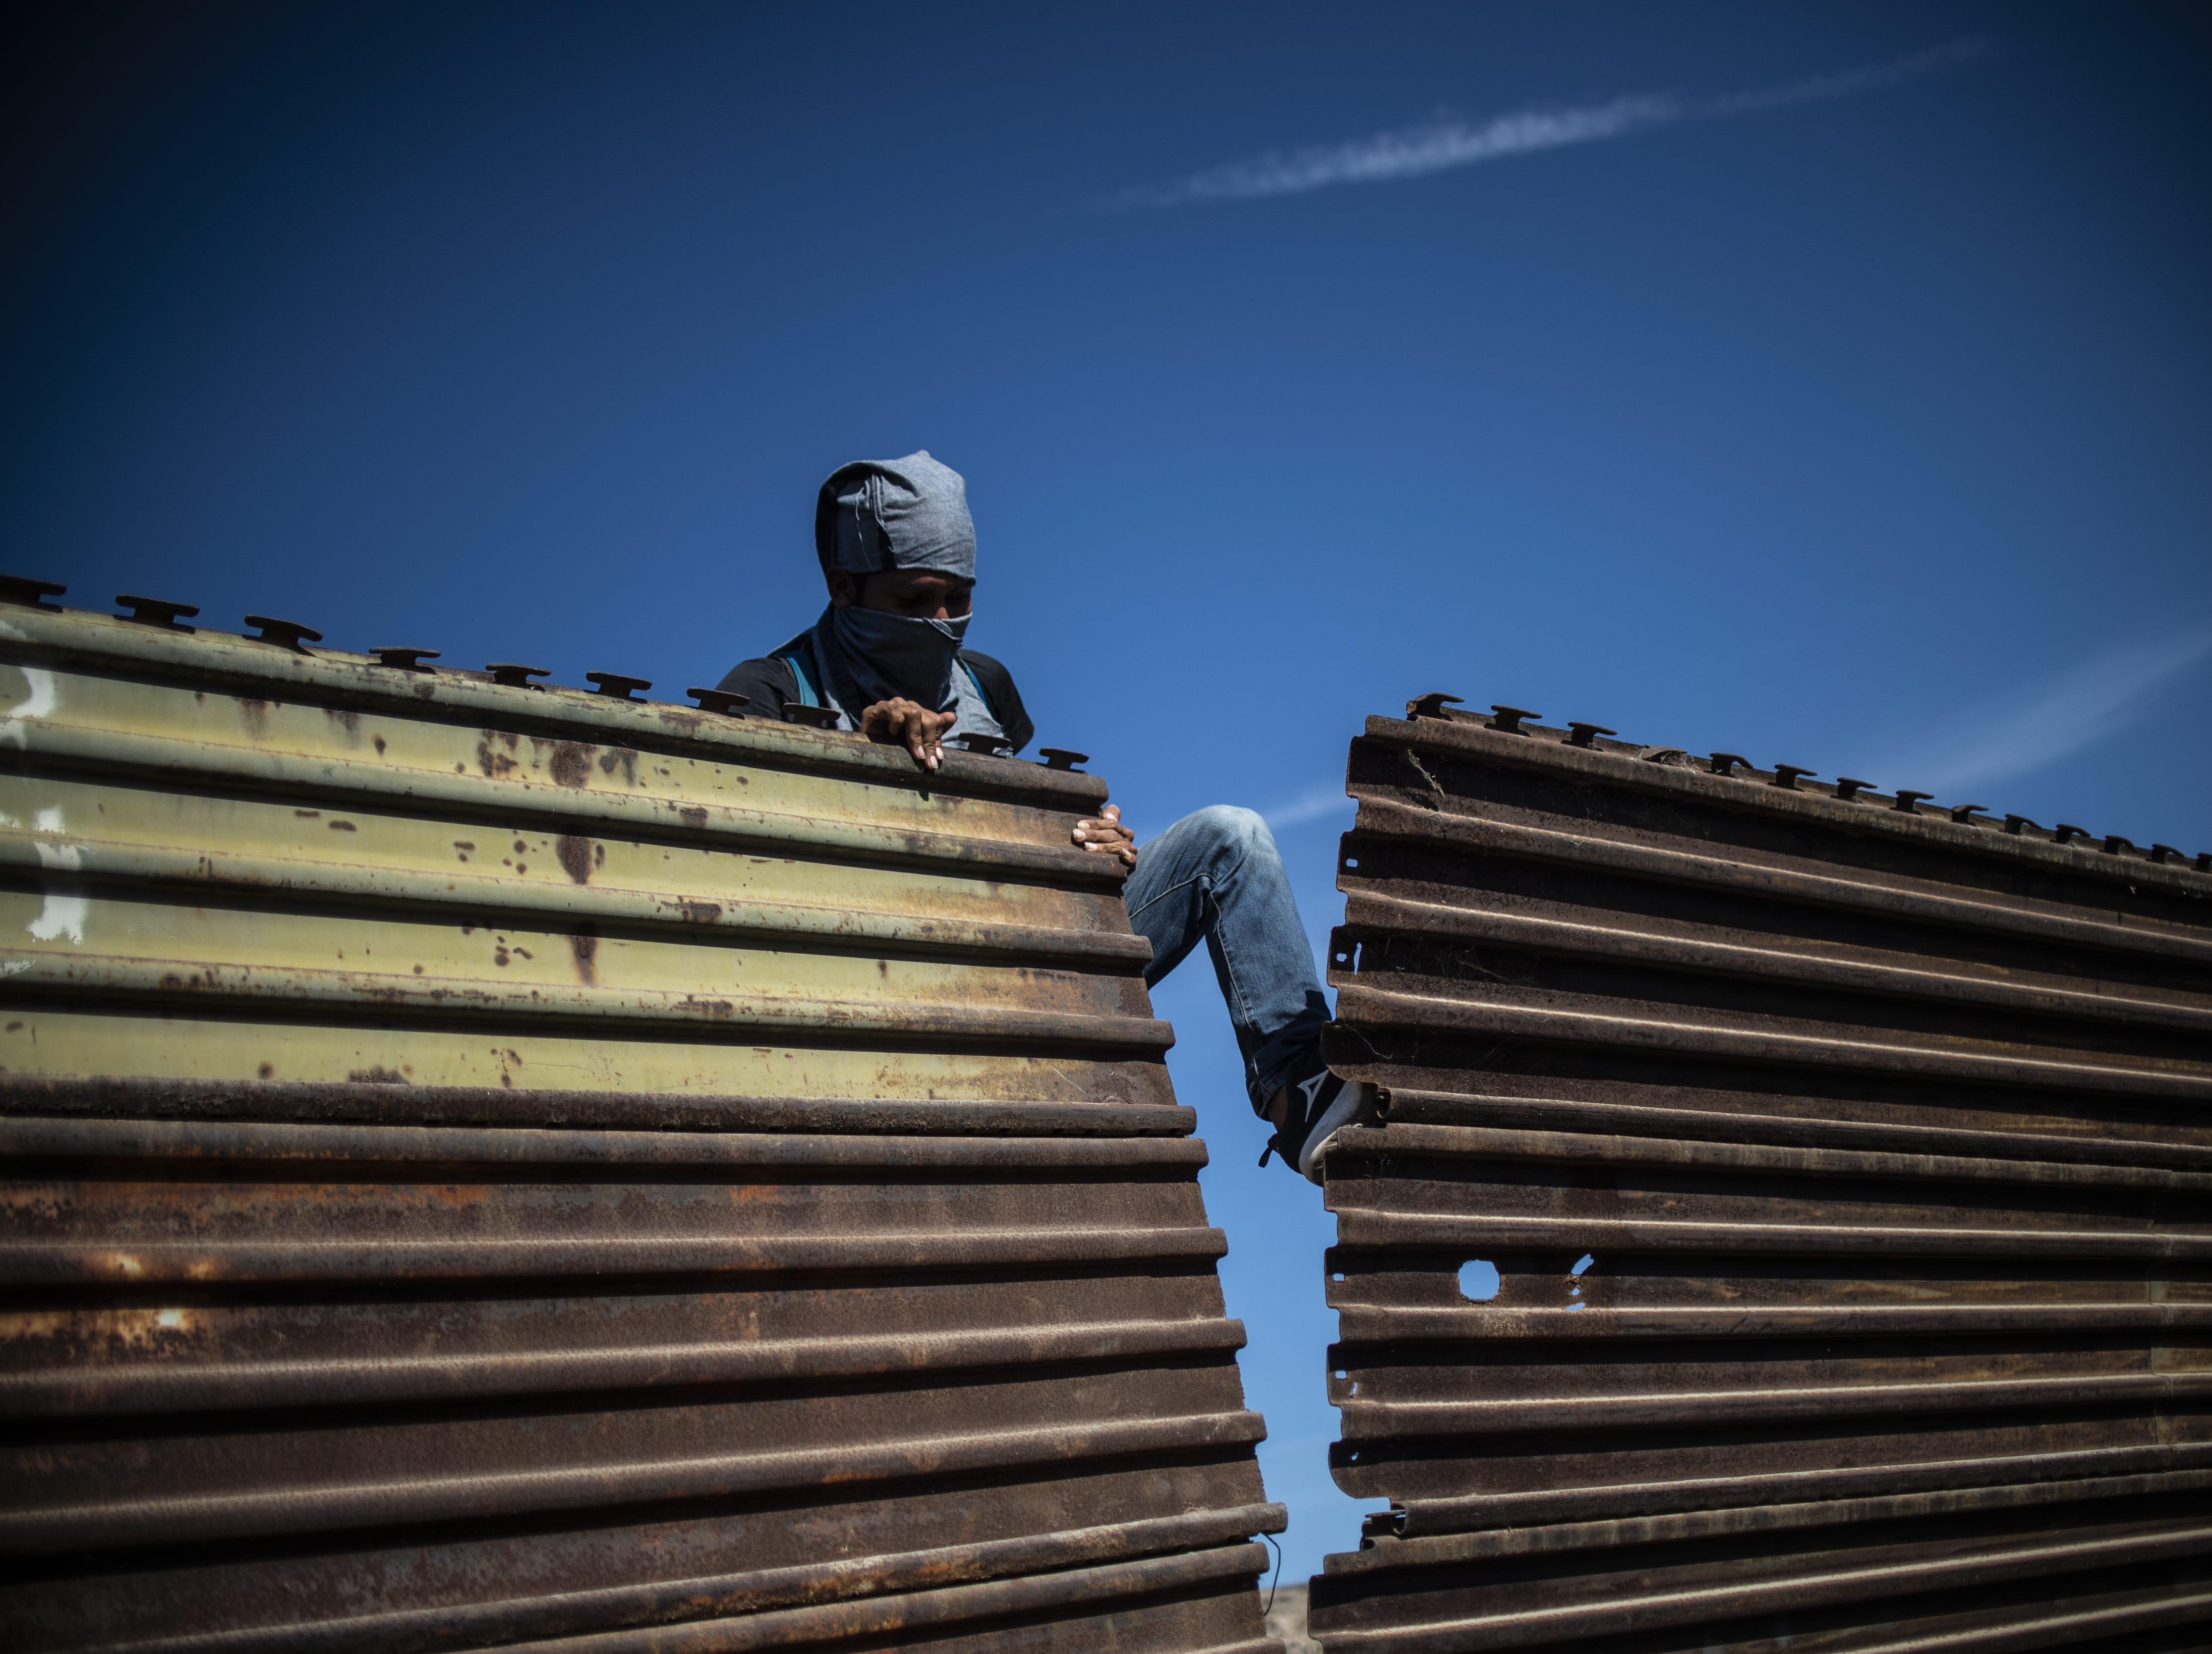 Un migrante centroamericano intenta derribar parte de la cerca fronteriza entre México y los Estados Unidos, cerca del cruce fronterizo de El Chaparral, en Tijuana, estado de Baja California, México, el 25 de noviembre de 2018.